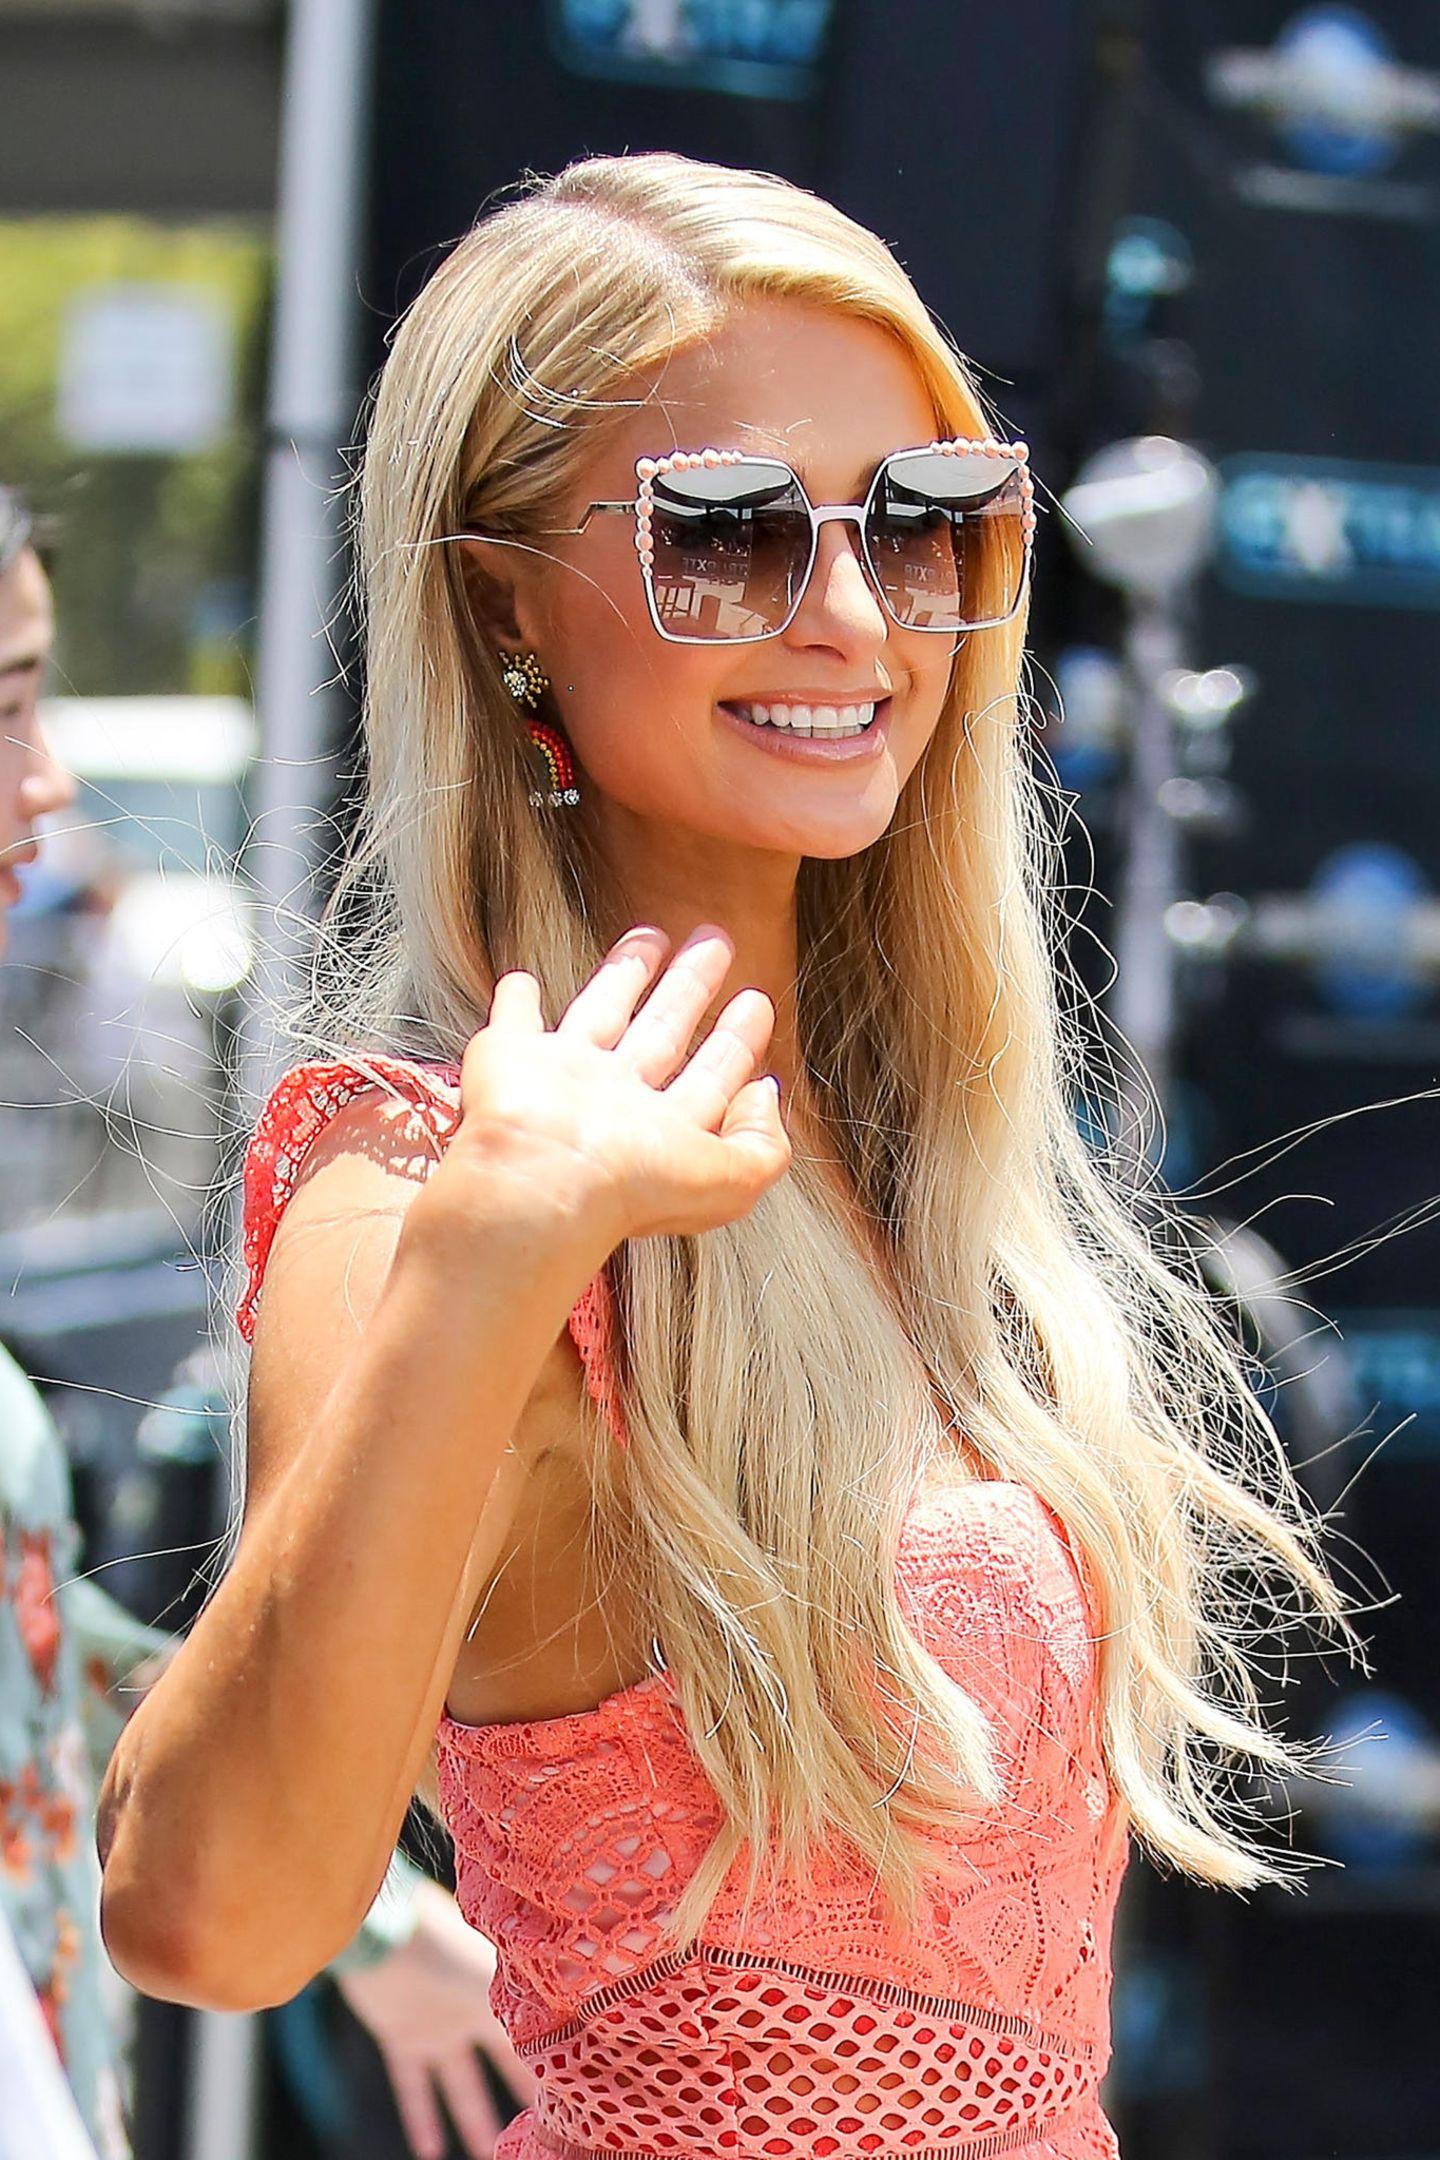 Bling, bling: Dieses extravagante und leicht kitschige Sonnenbrillen-Modell passt hervorragend zu Paris Hilton.